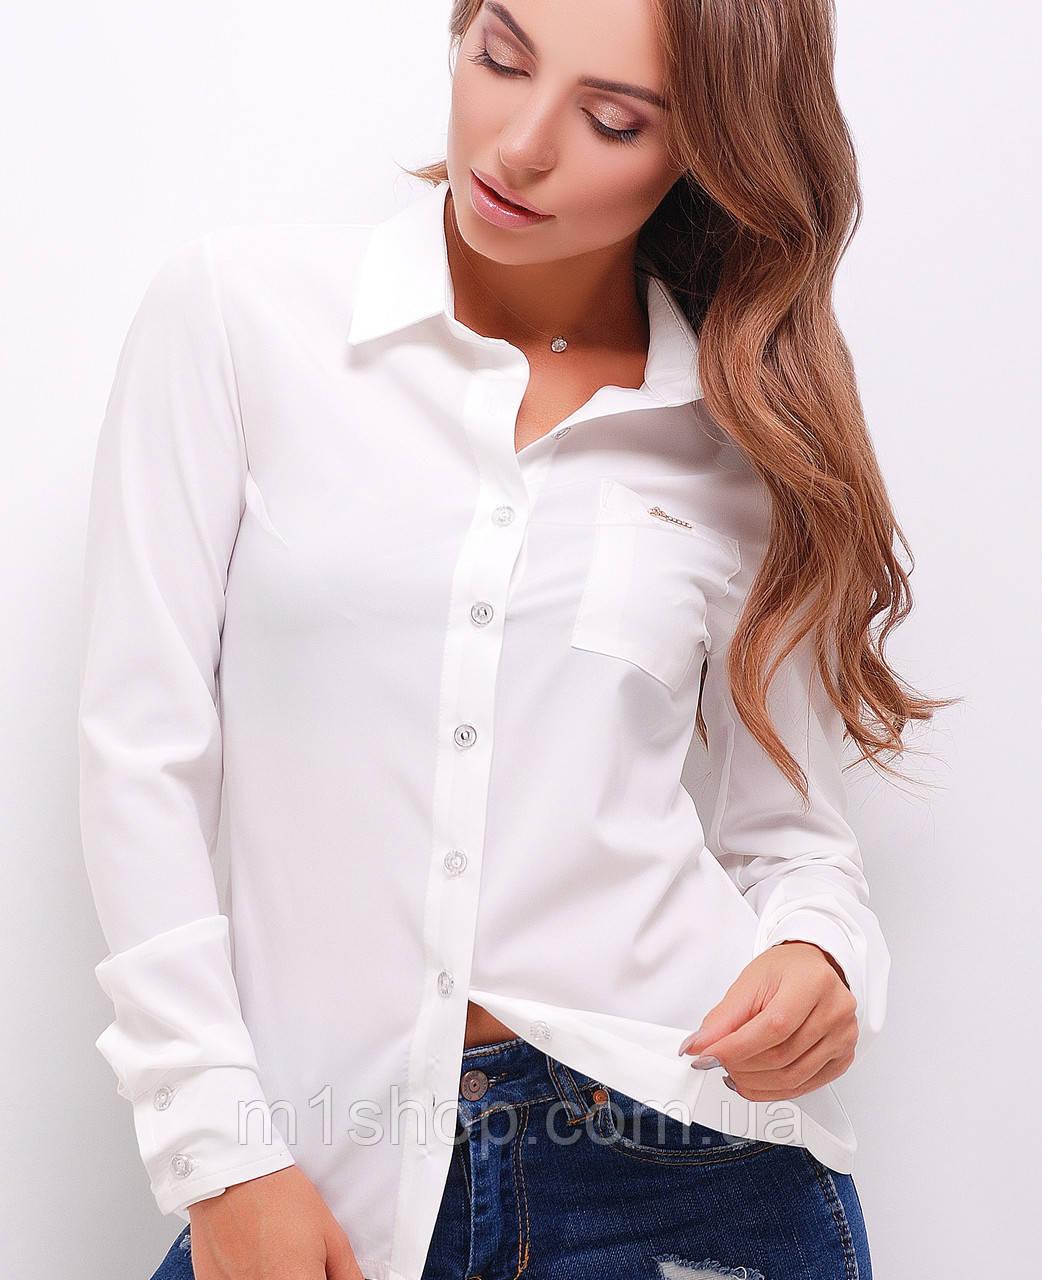 Женская классическая блузка-рубашка (1741  mrs)